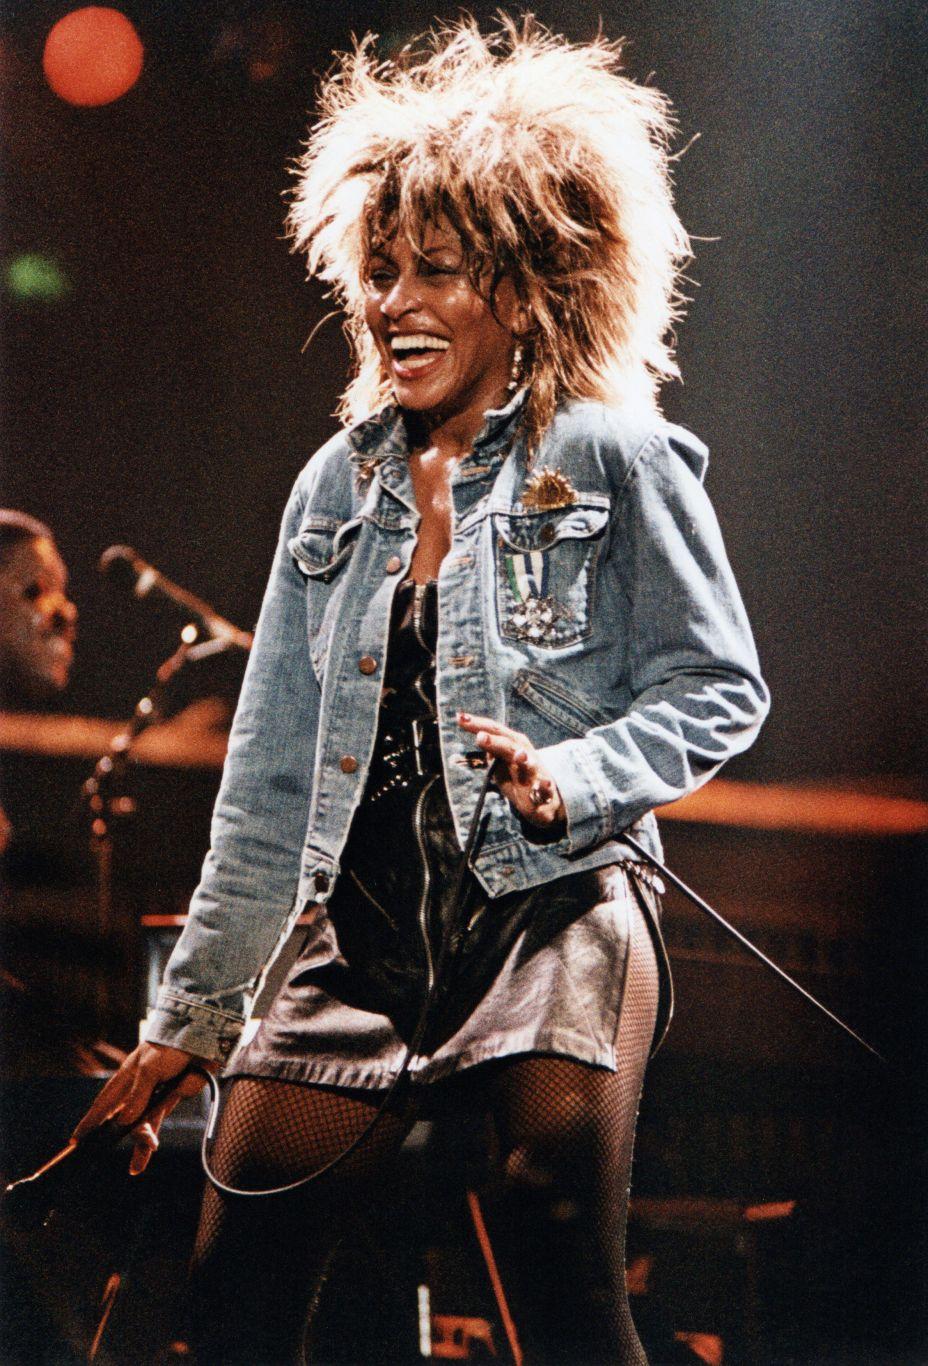 Tina Turner Performs At Wembley Arena In 1985